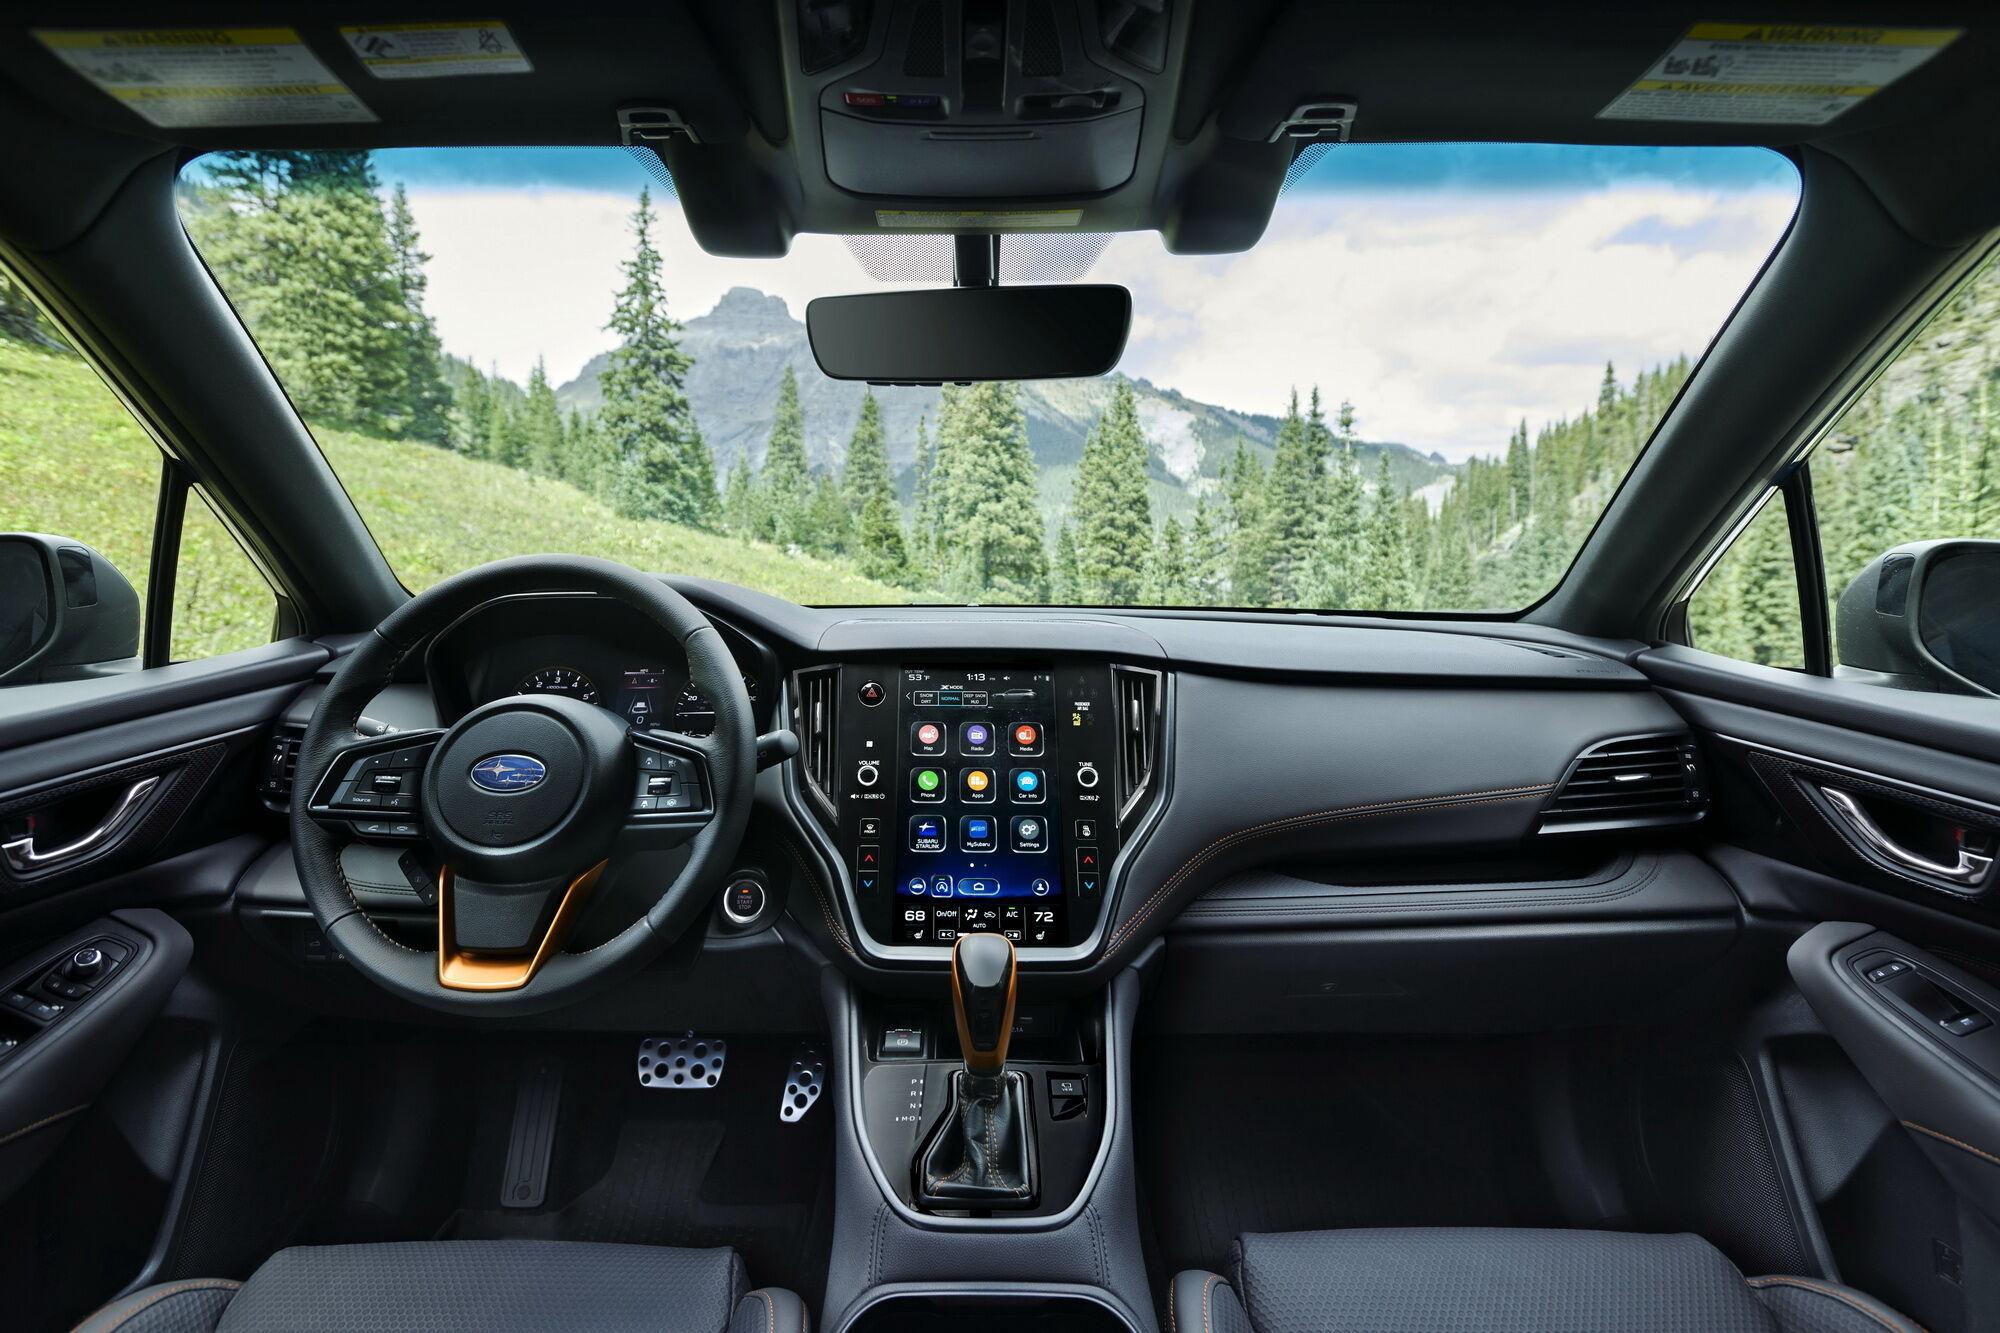 Центральне місце на торпеді посідає 11,6-дюймовий дисплей інформаційно-розважальної системи Subaru Starlink